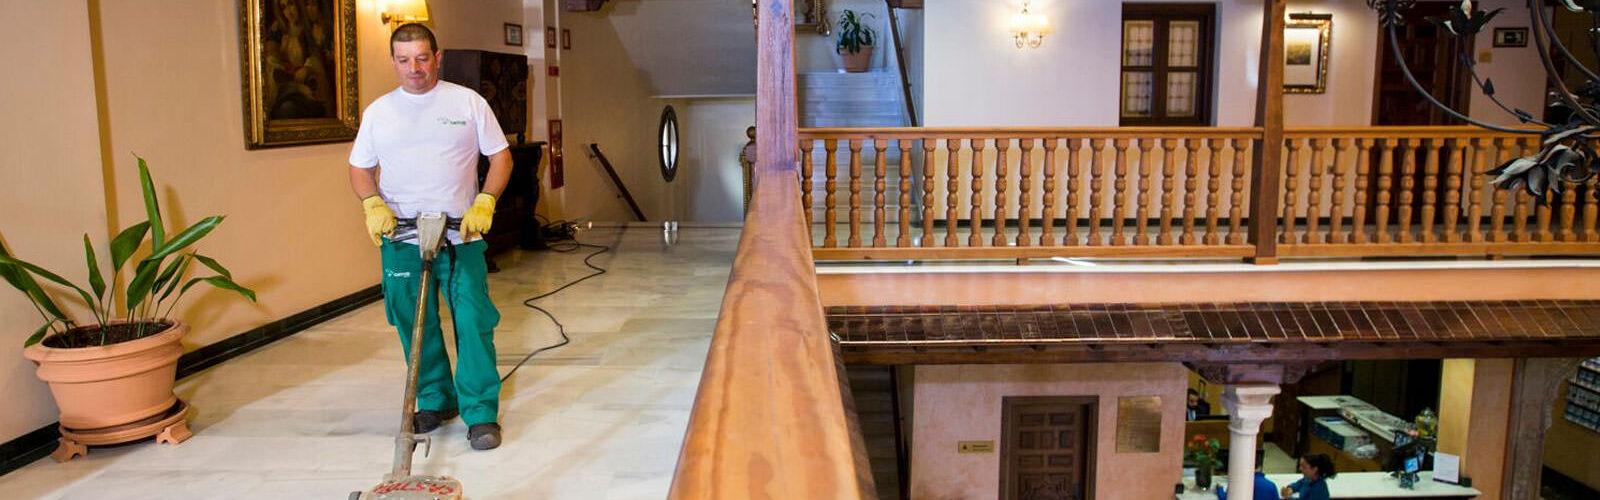 Limpiezas Castor. limpieza-hoteles-malaga-1600x500 Limpieza de hoteles en Málaga